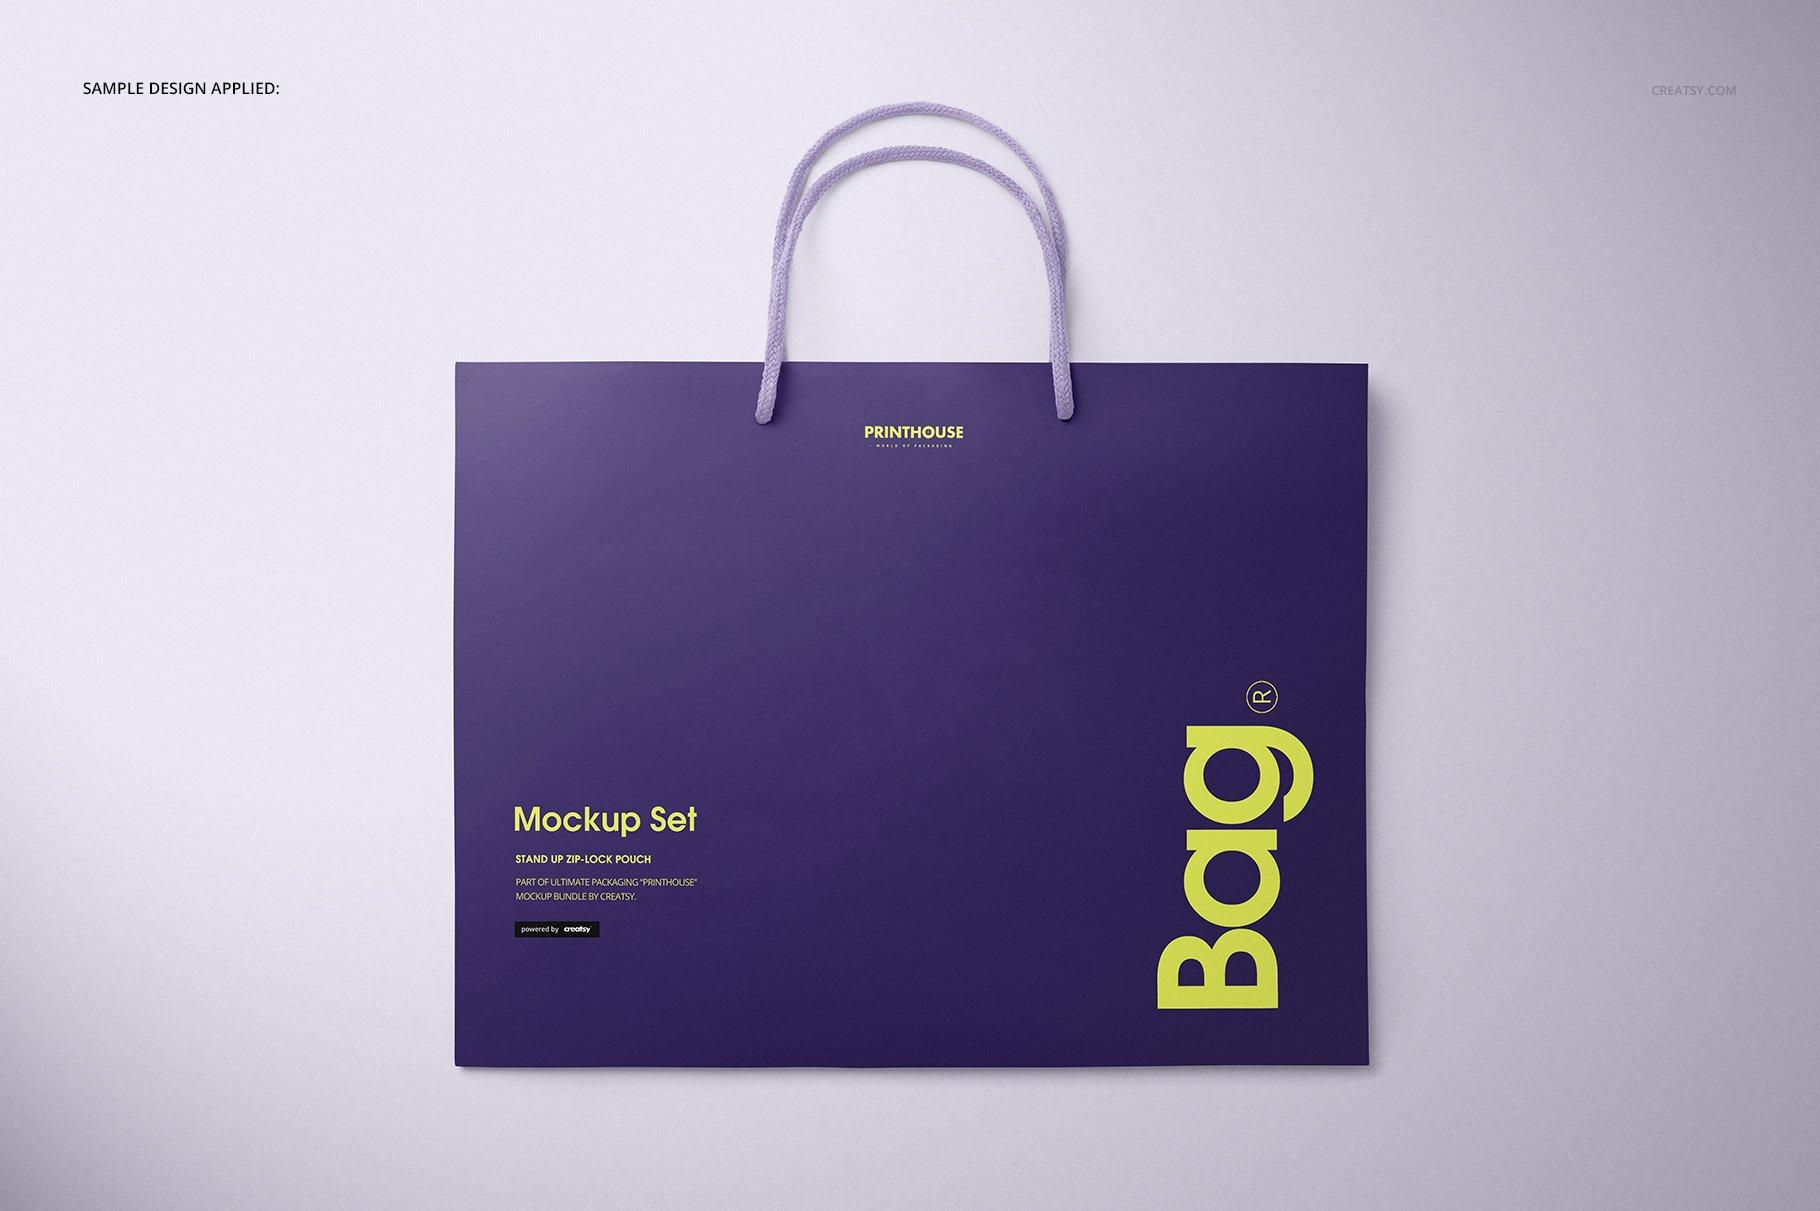 极简购物手提纸袋设计展示贴图样机PS设计素材 Eurotote Bag Mockup Set 1插图(7)